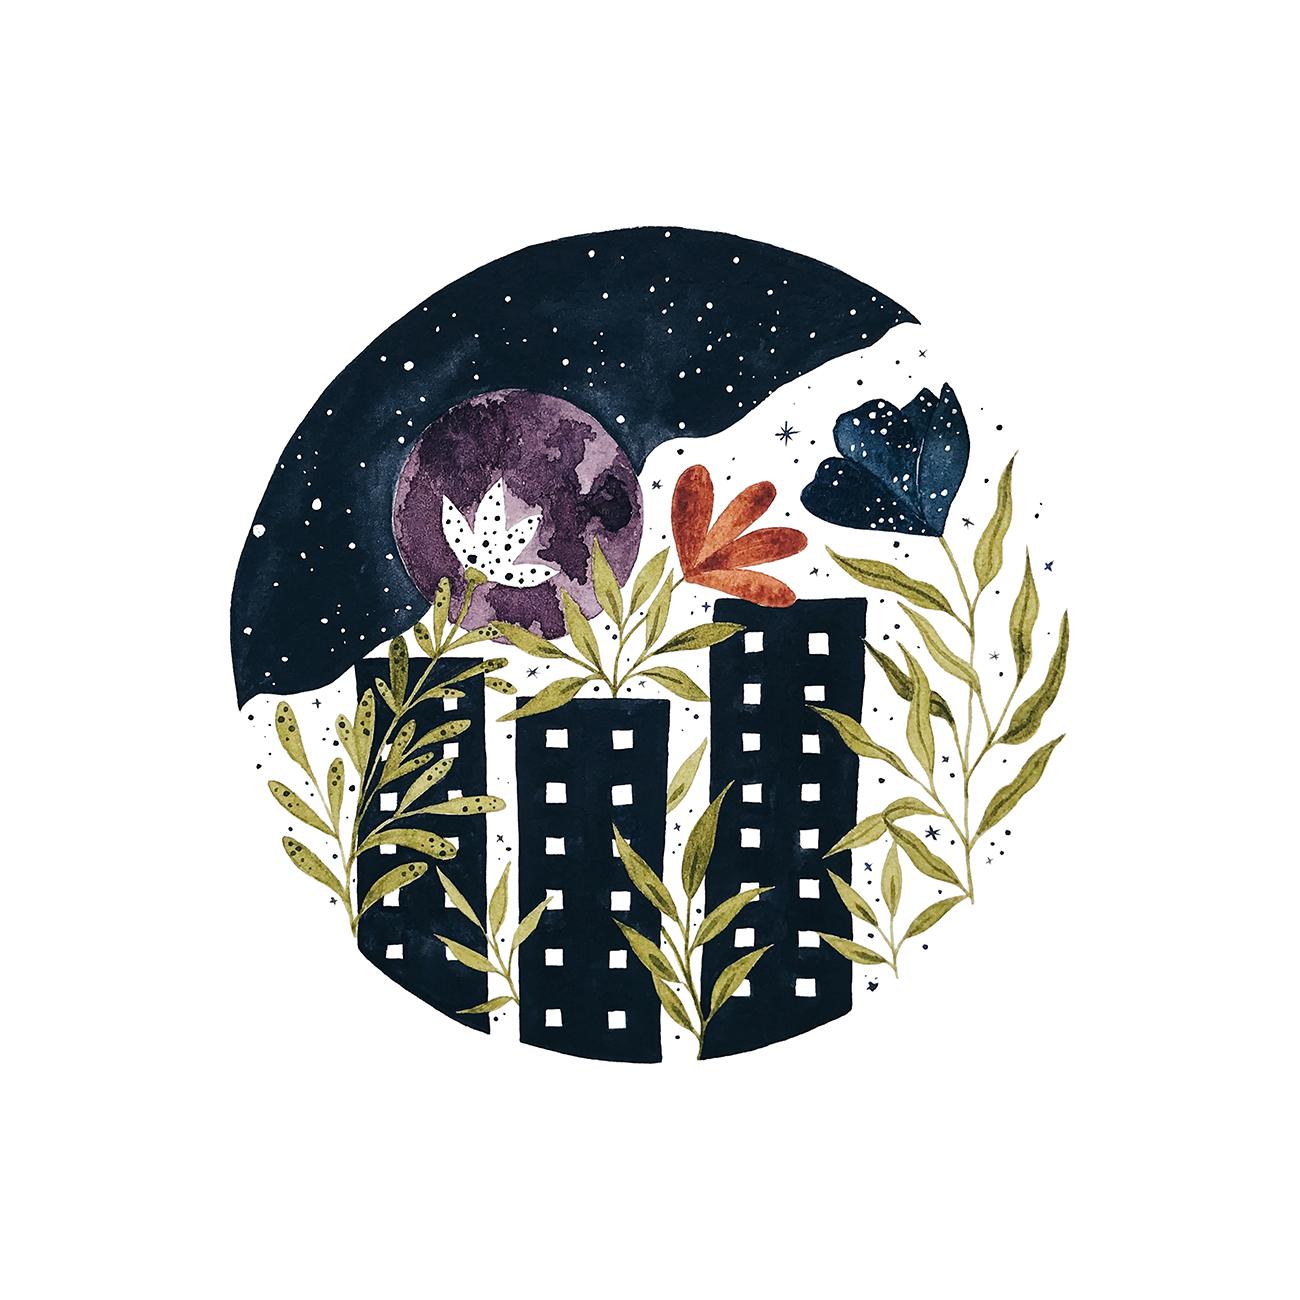 Moon_city_claudiaiarca